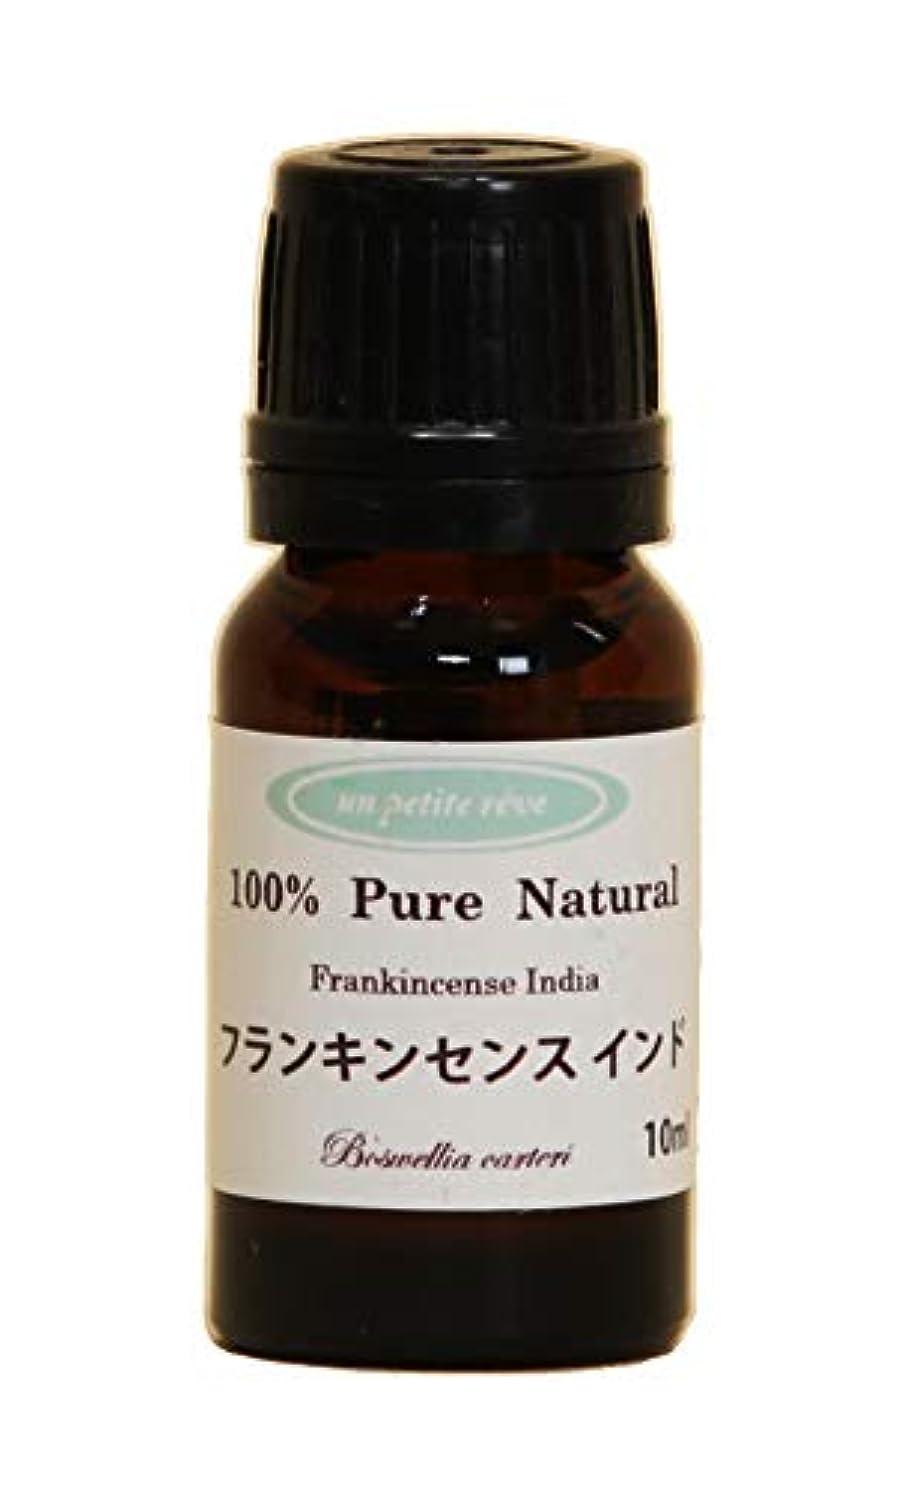 スピン退化するバレエフランキンセンスインド10ml 100%天然アロマエッセンシャルオイル(精油)